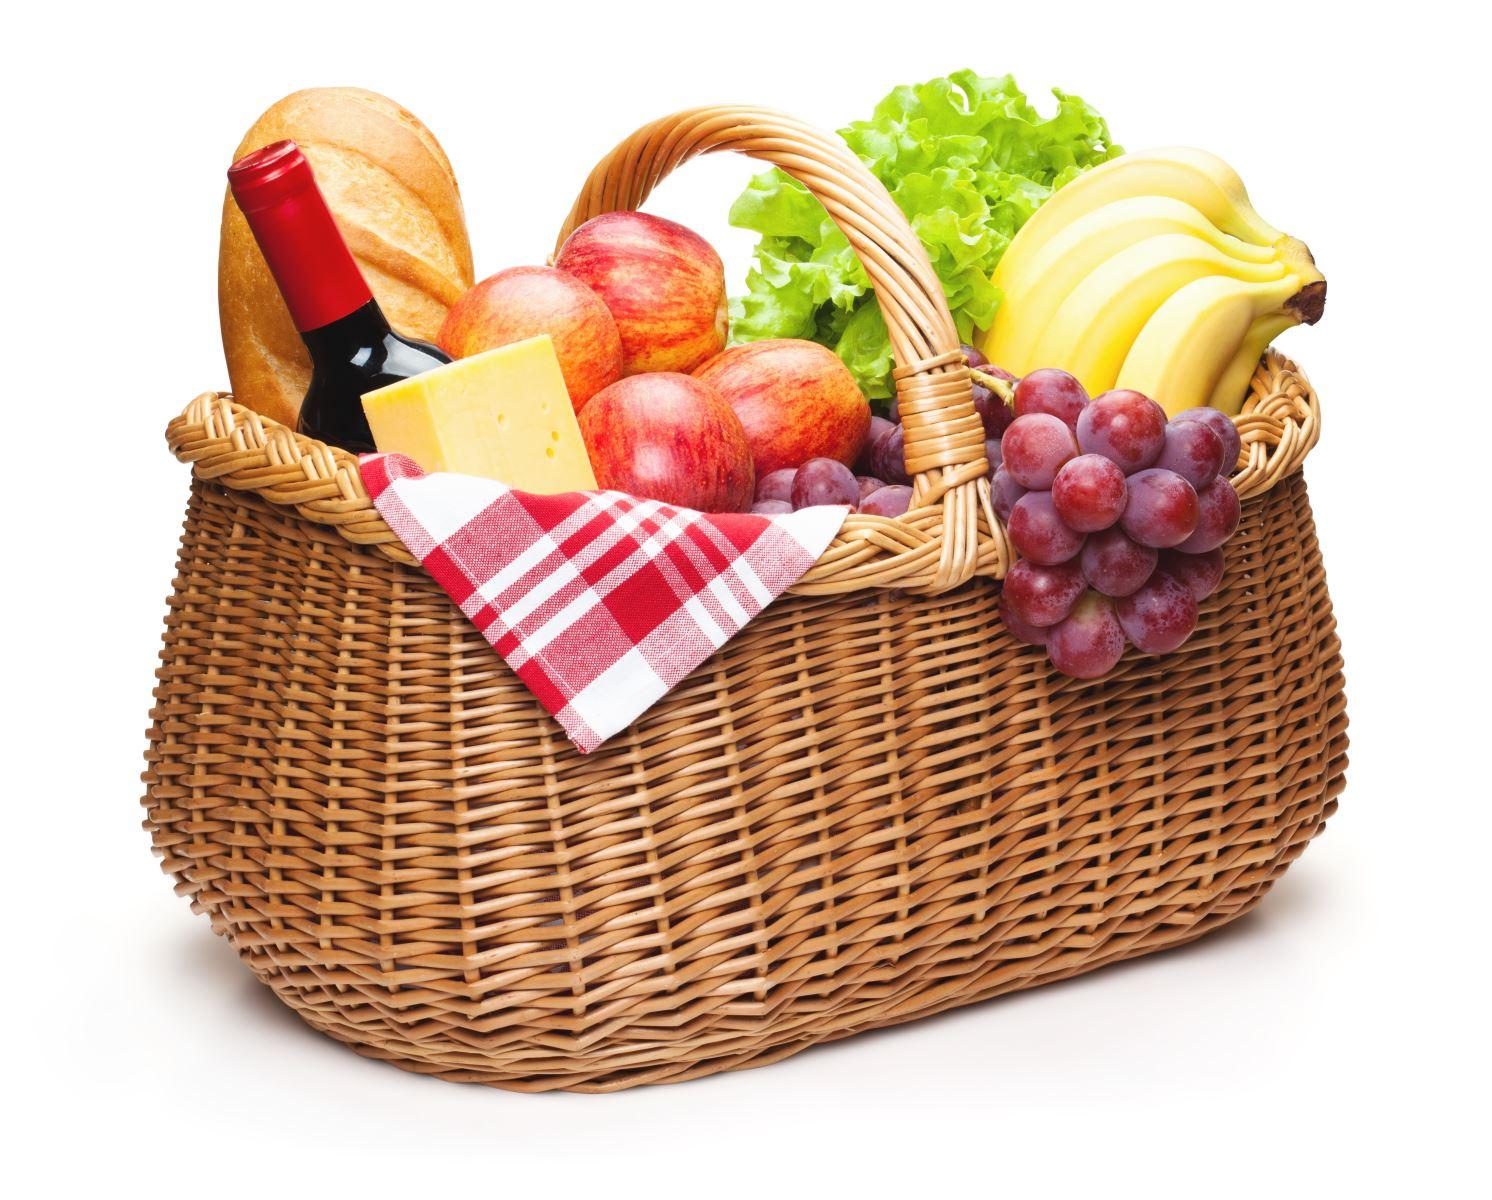 Manazanita Beach Getaway Gift Basket